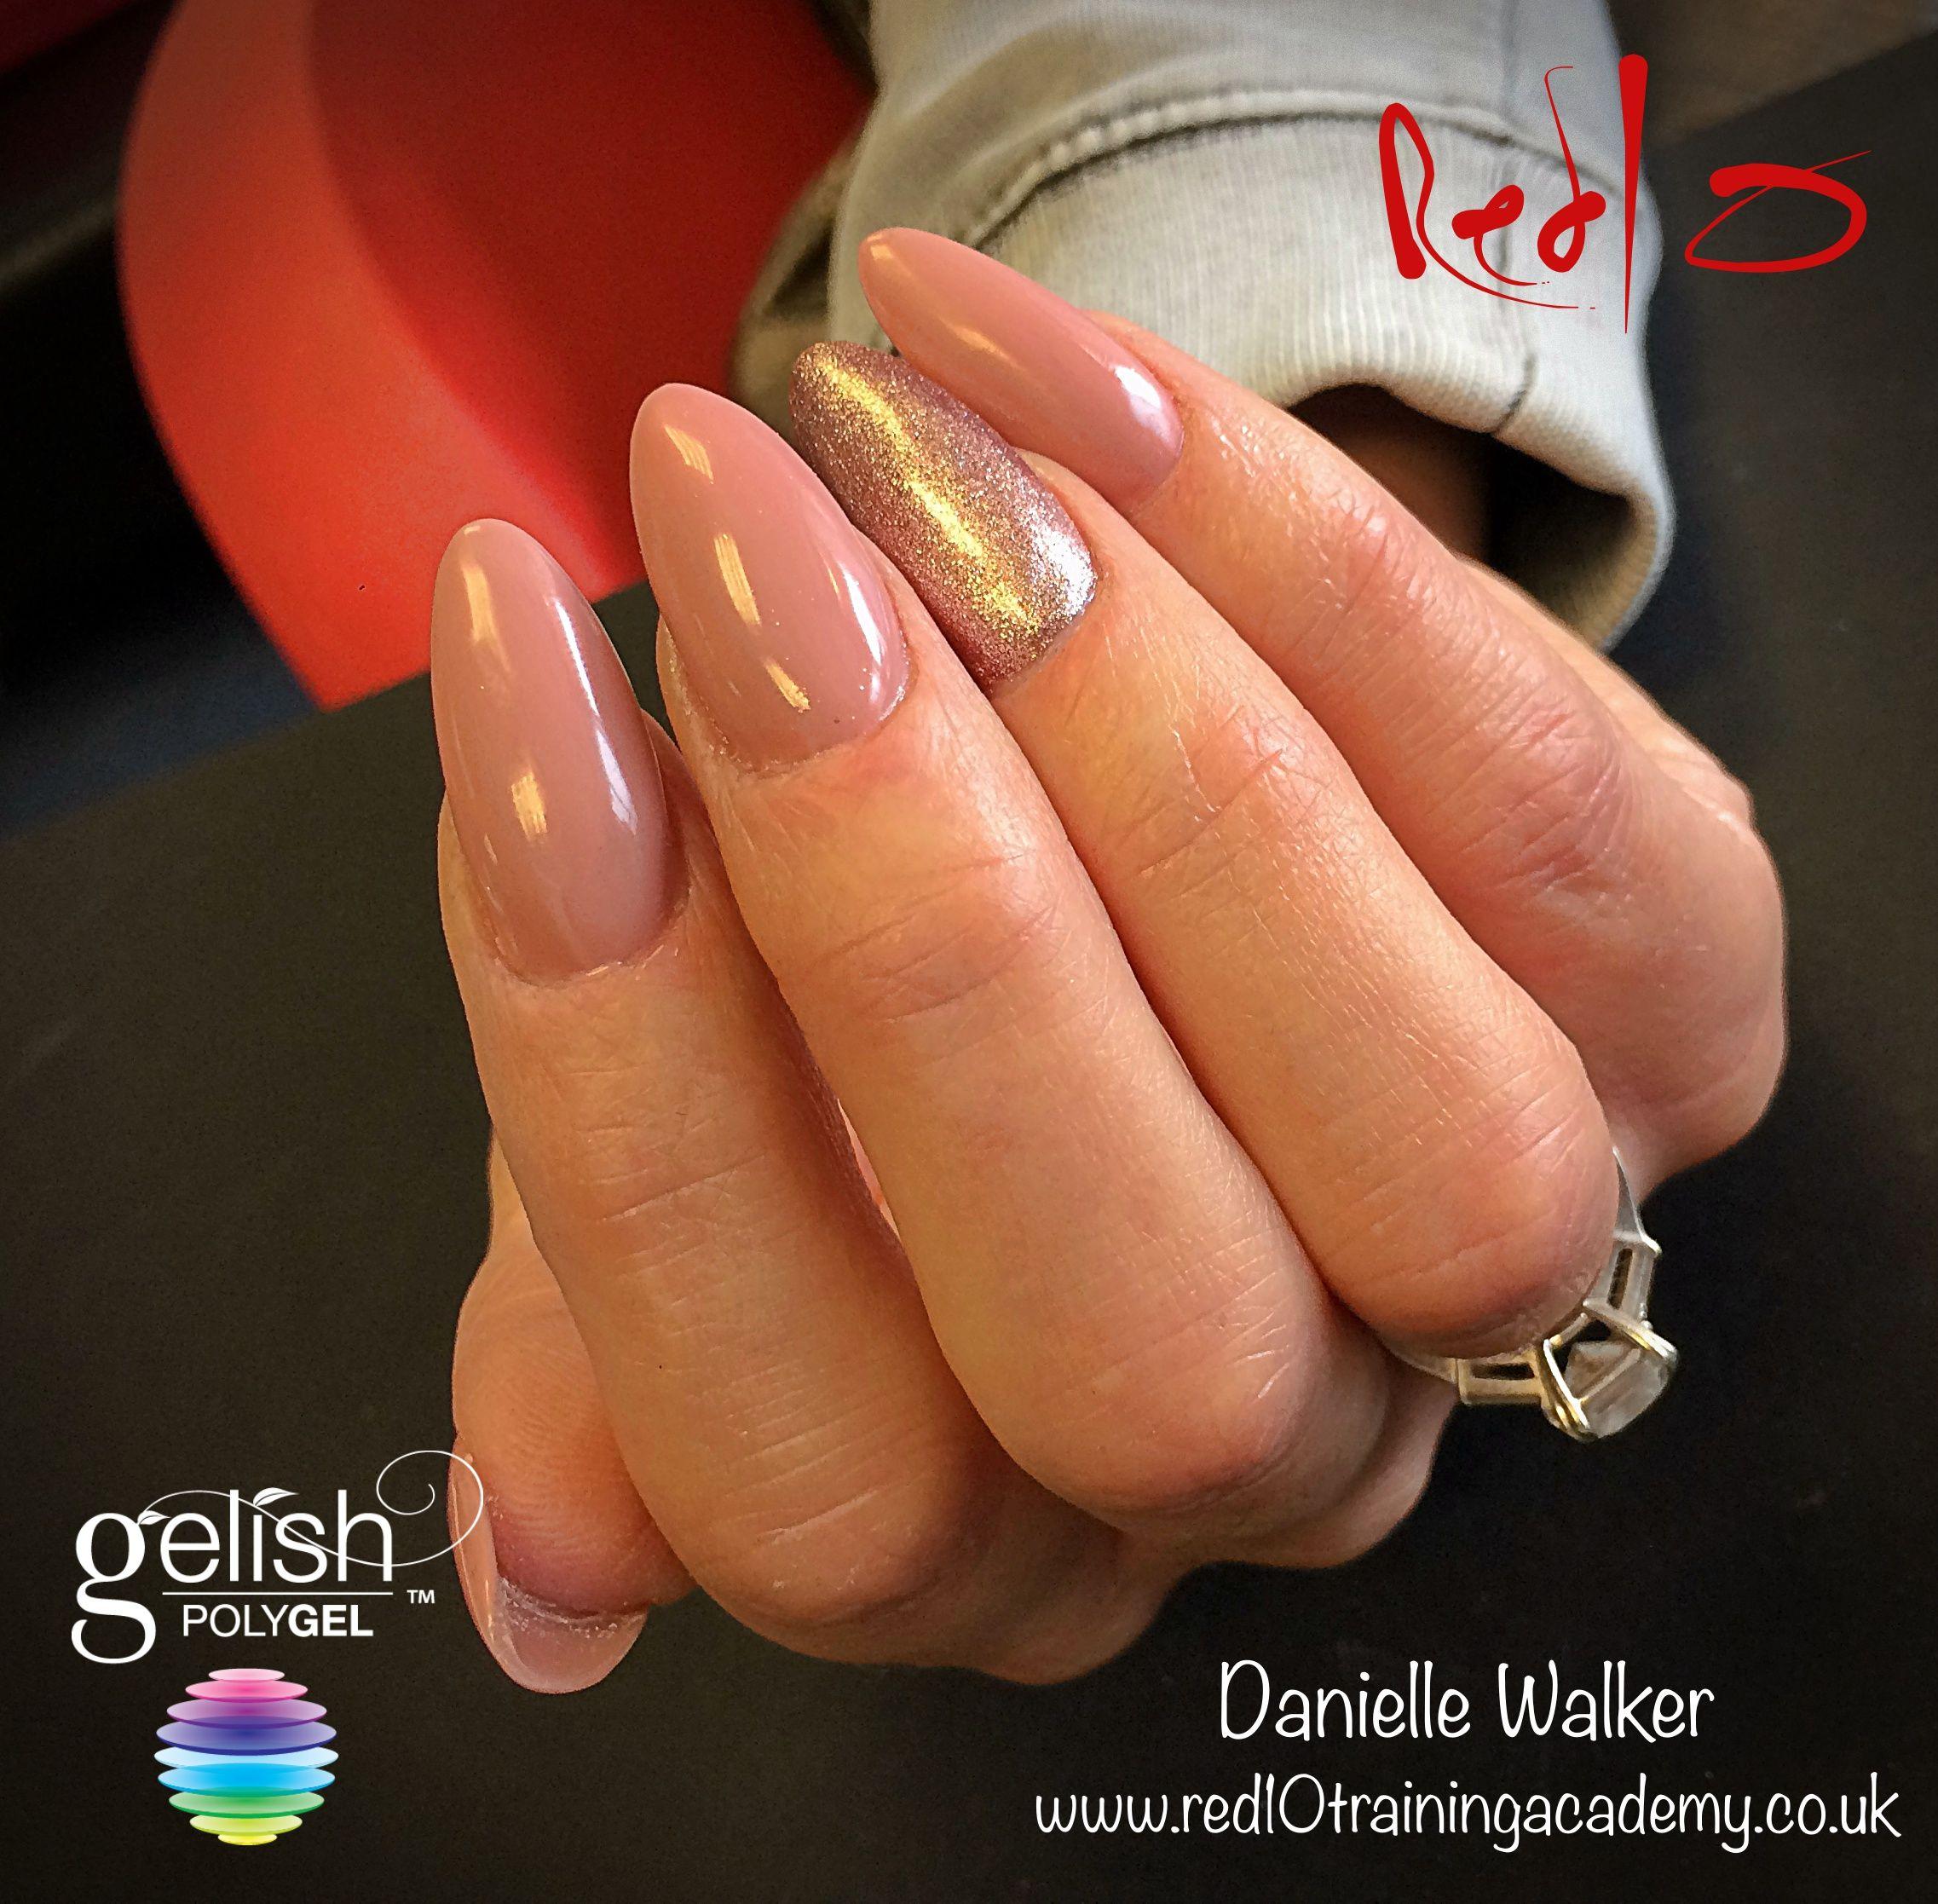 Nude Nails Polygel Nails Simple Nail Design Red10 Nail Bar